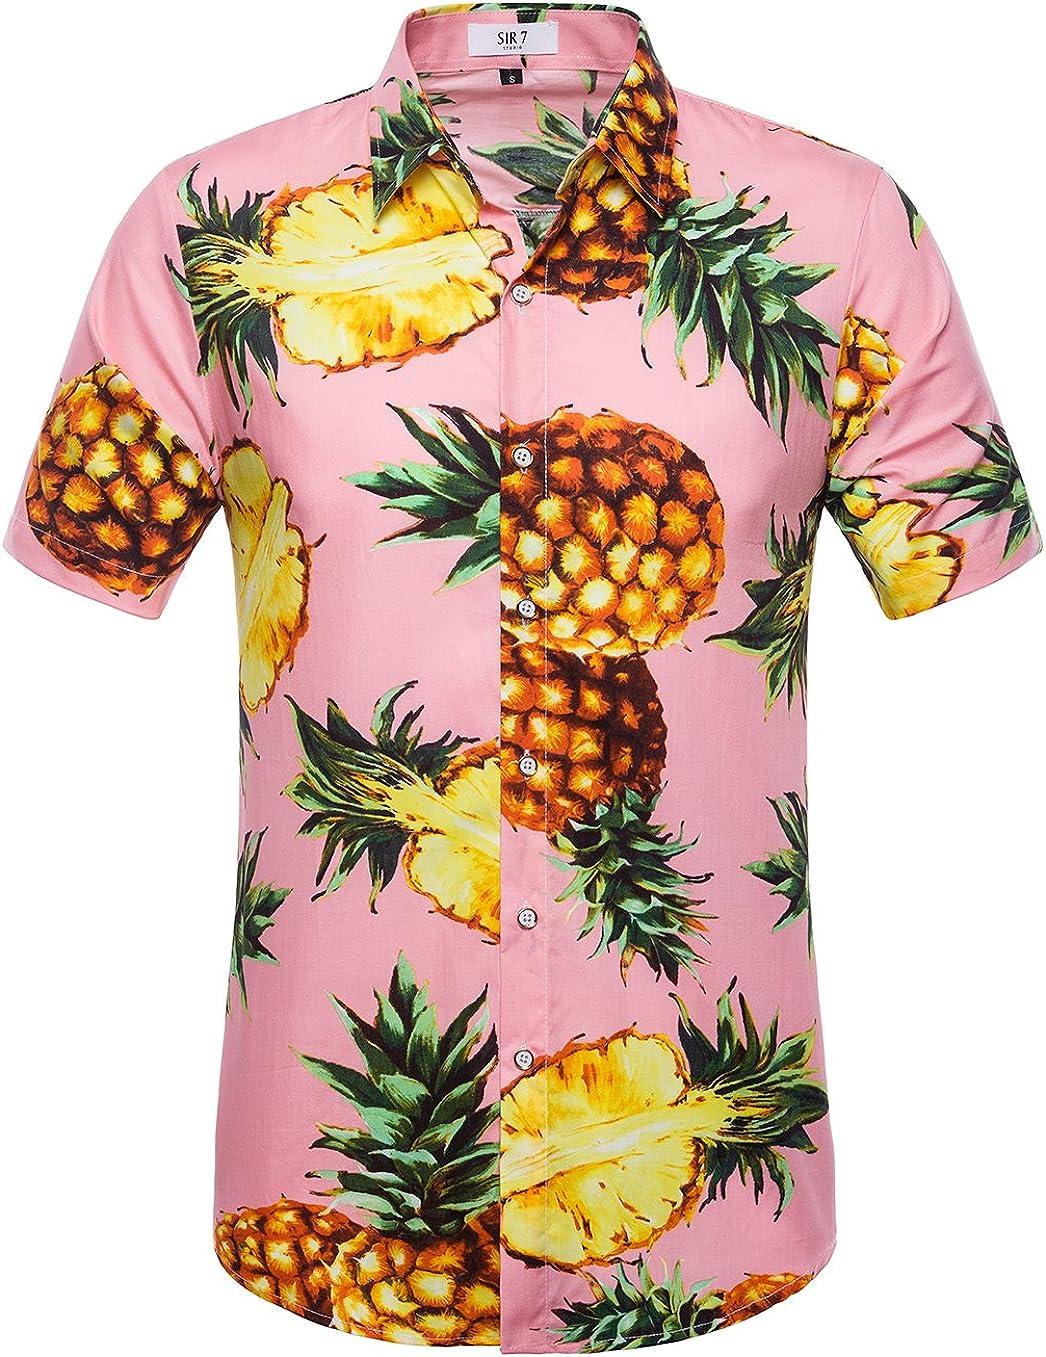 SIR7 Men's Hawaiian Flower Print Casual Button Down Short Sleeve Shirt